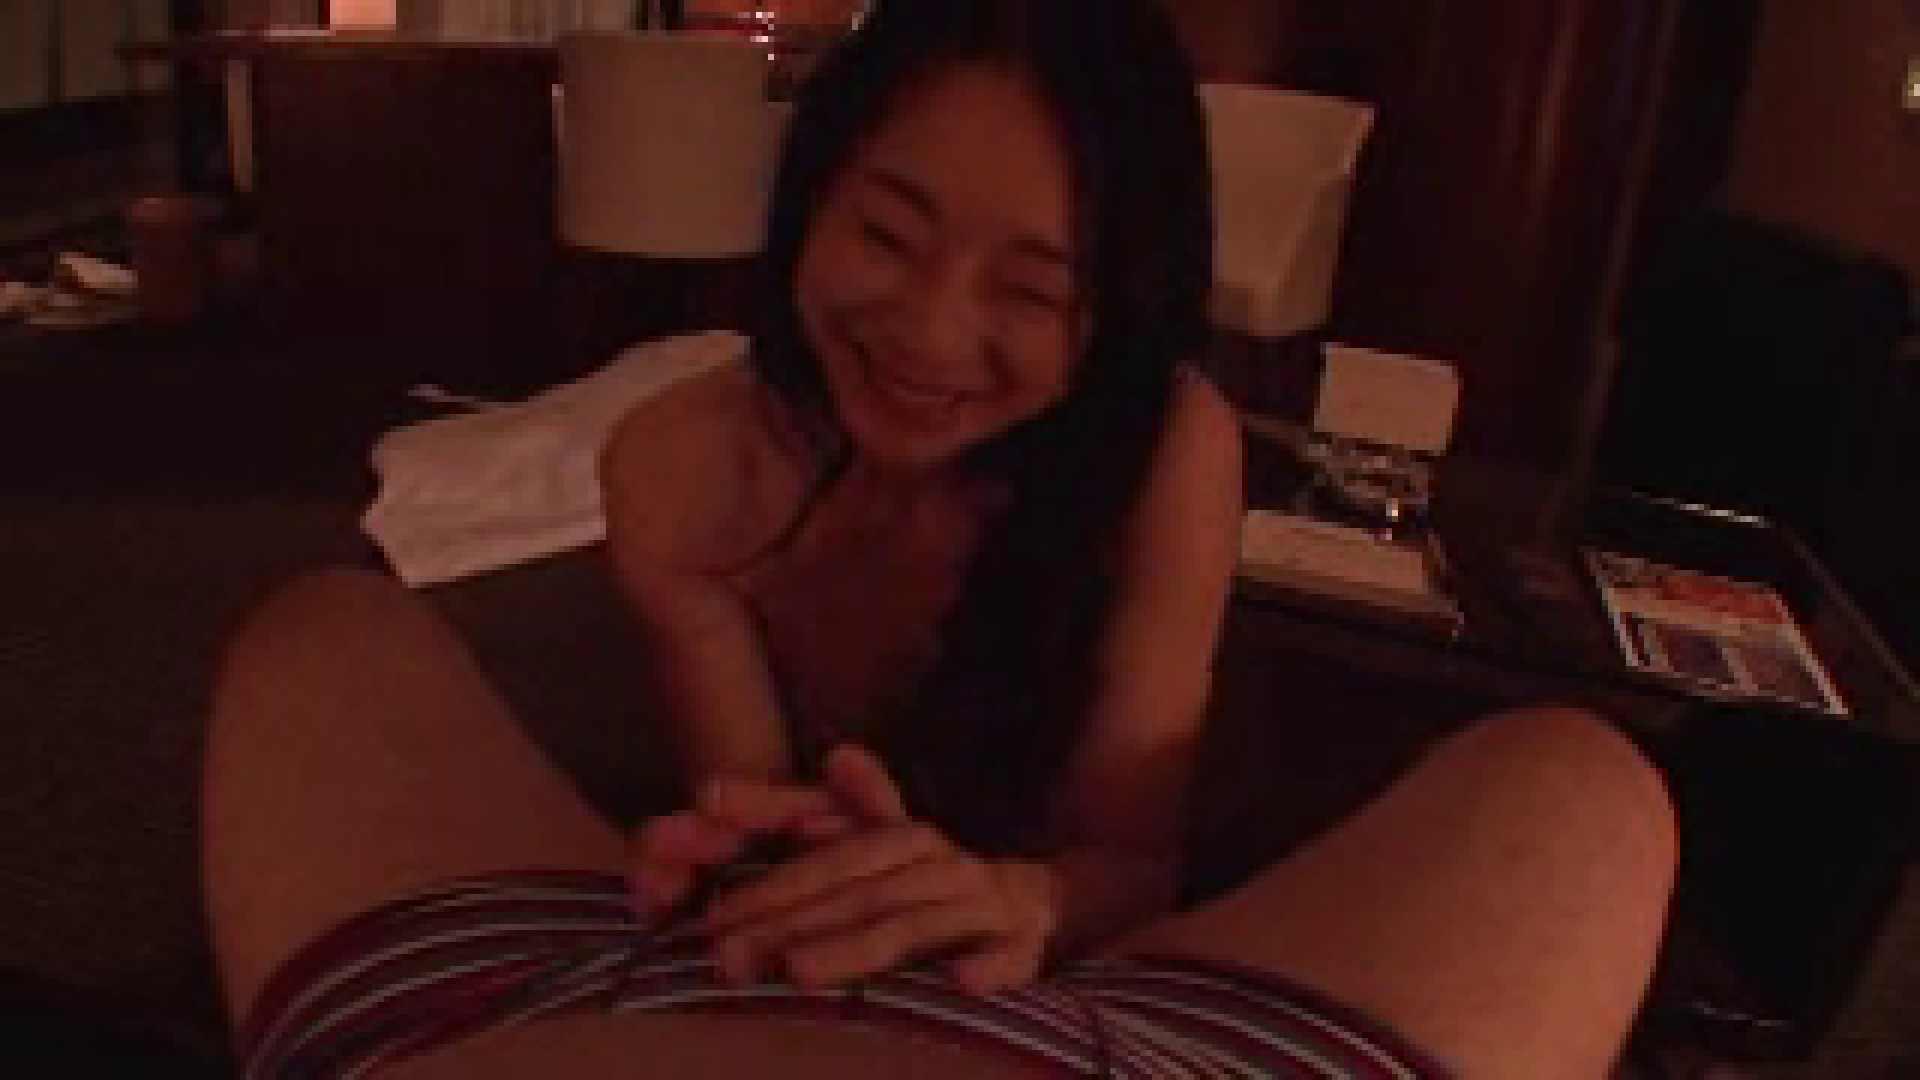 無修正おまんこ動画 親友同士で競演 超美形のSEXパーティ Vol.04 大奥